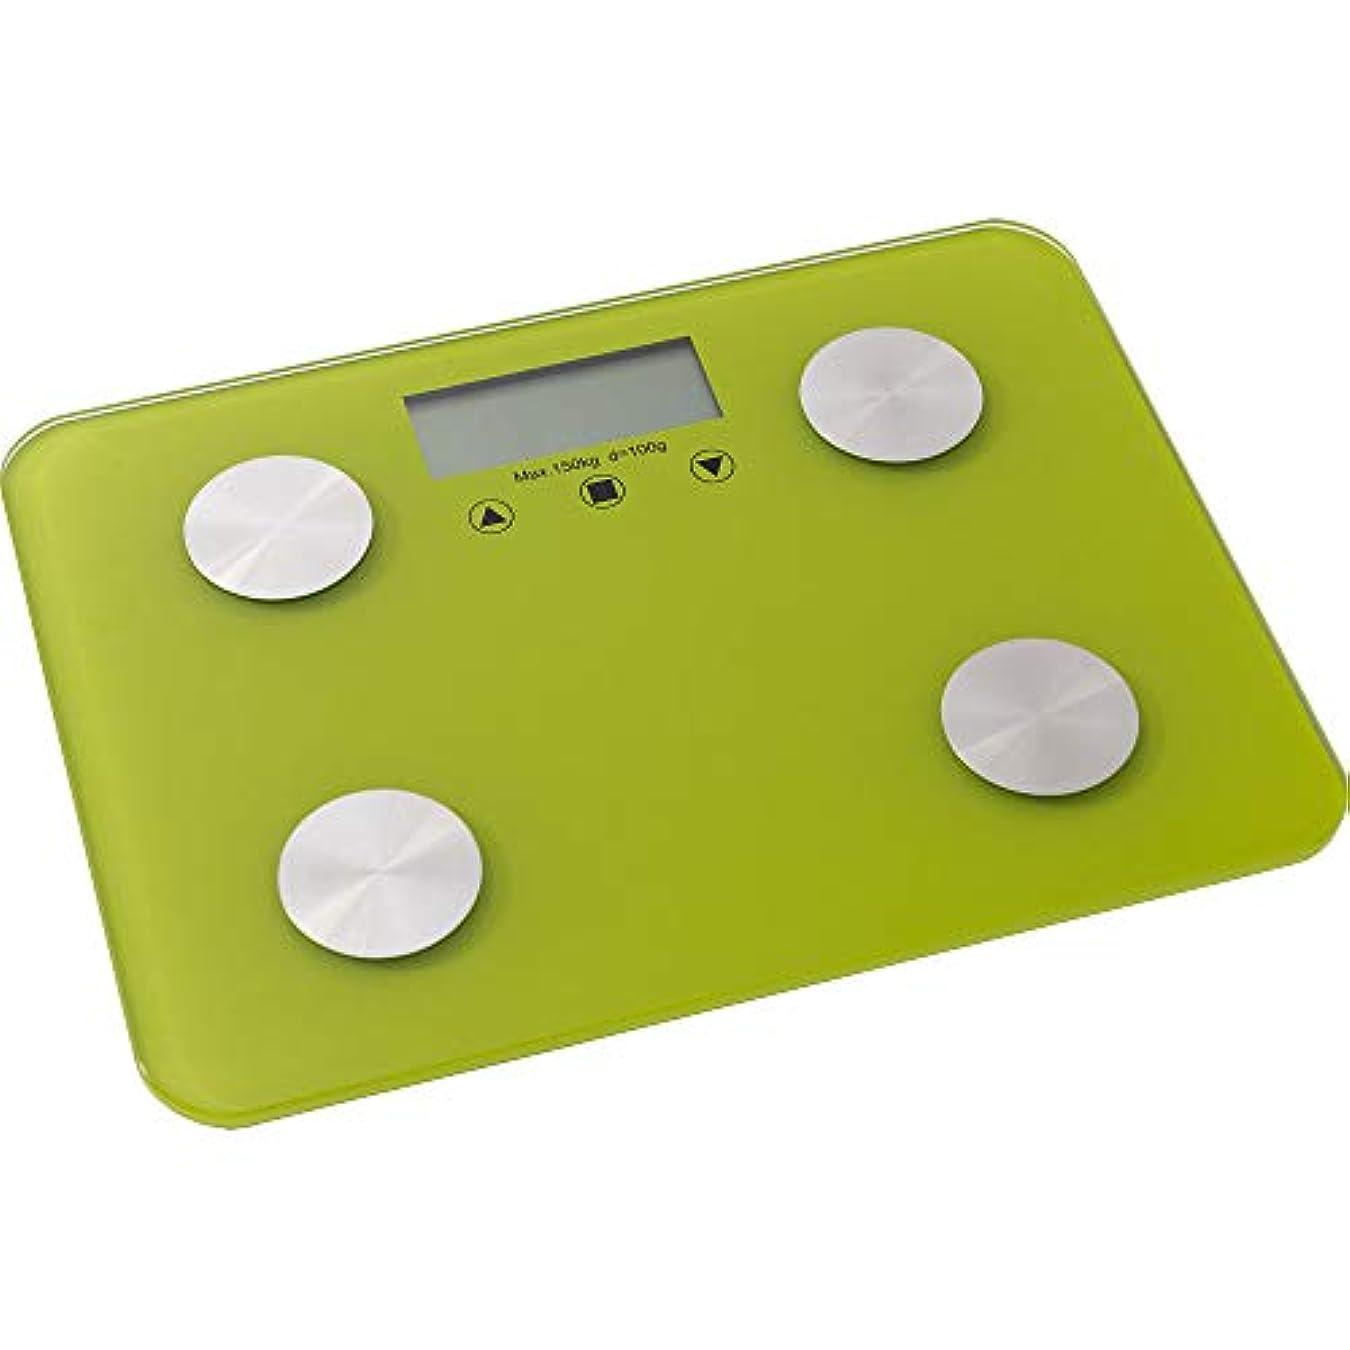 鉛暗唱するとにかくSIS 体組成計 体重計 体脂肪計 基礎代謝 体水分量 ヘルスメーター グリーン